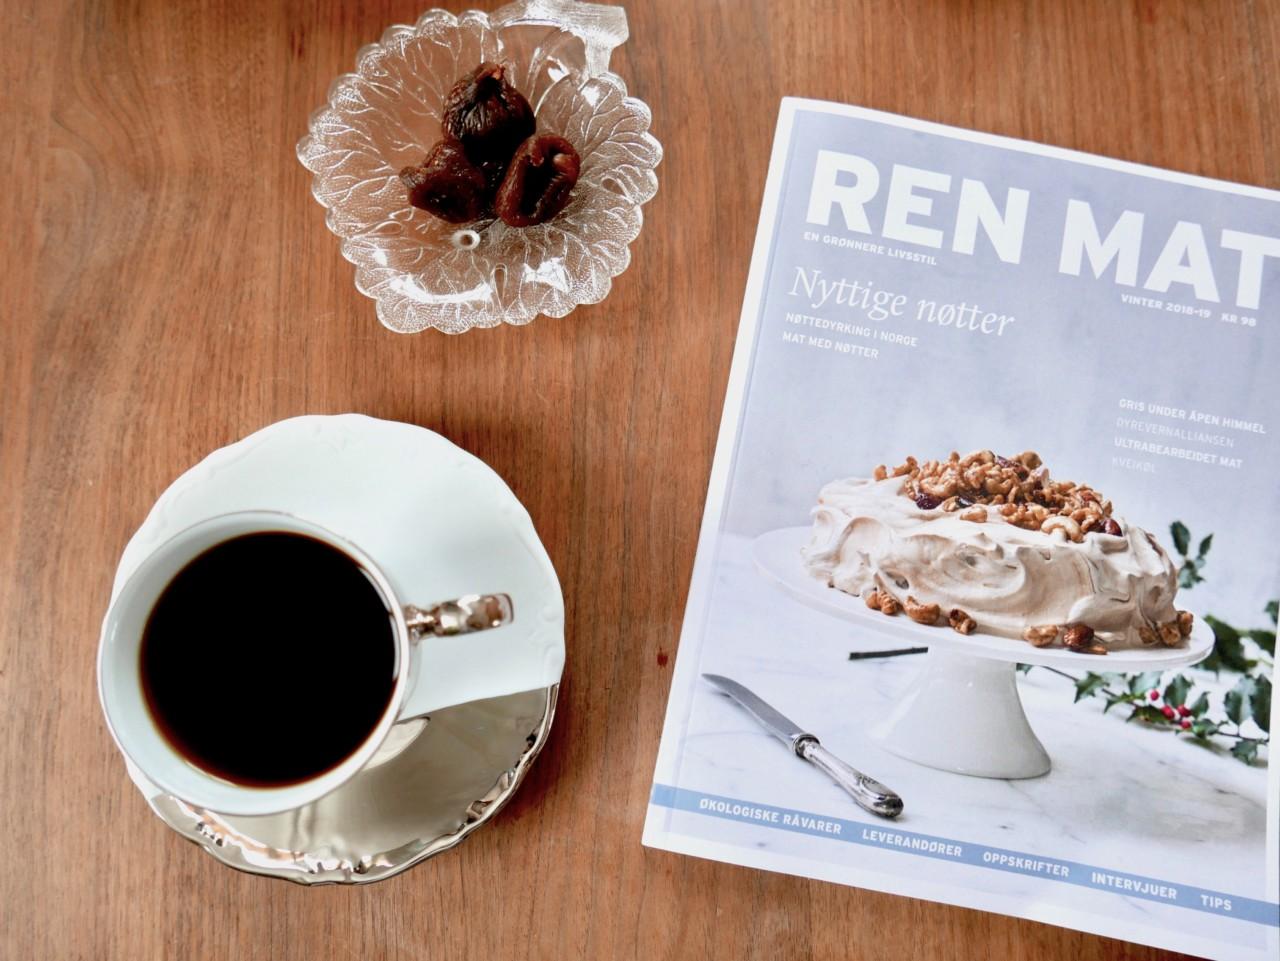 green-world-okologisk-kaffe-ren-mat-fiken